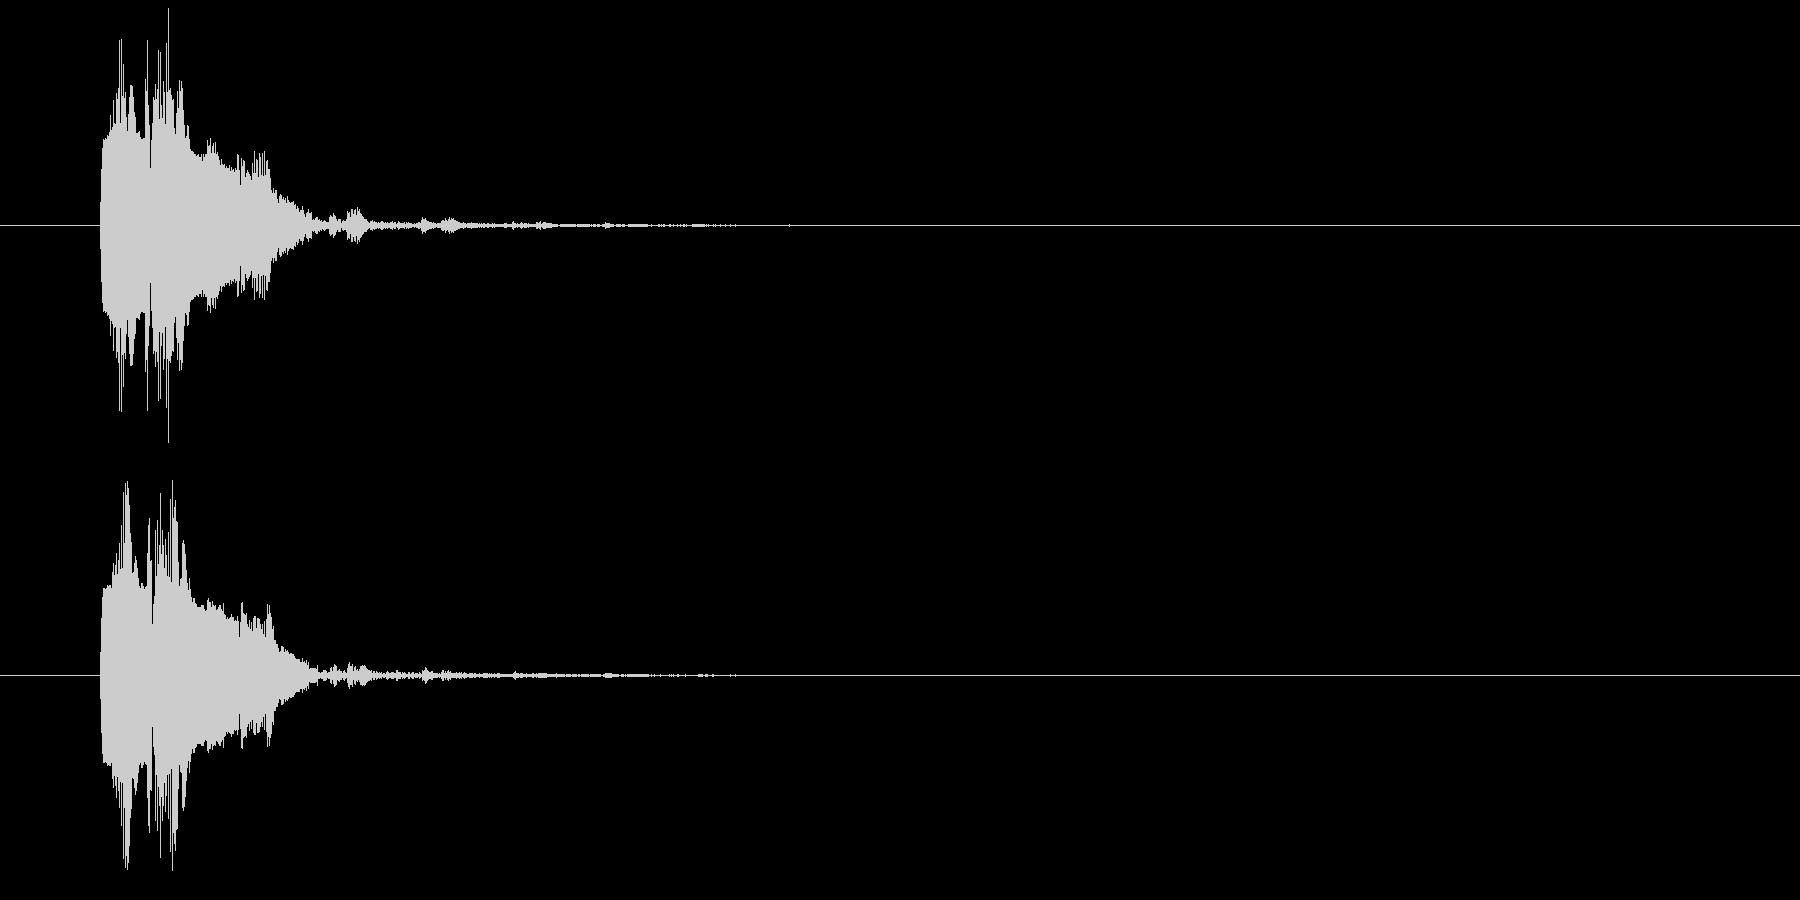 レーザー光線銃-銃声の未再生の波形